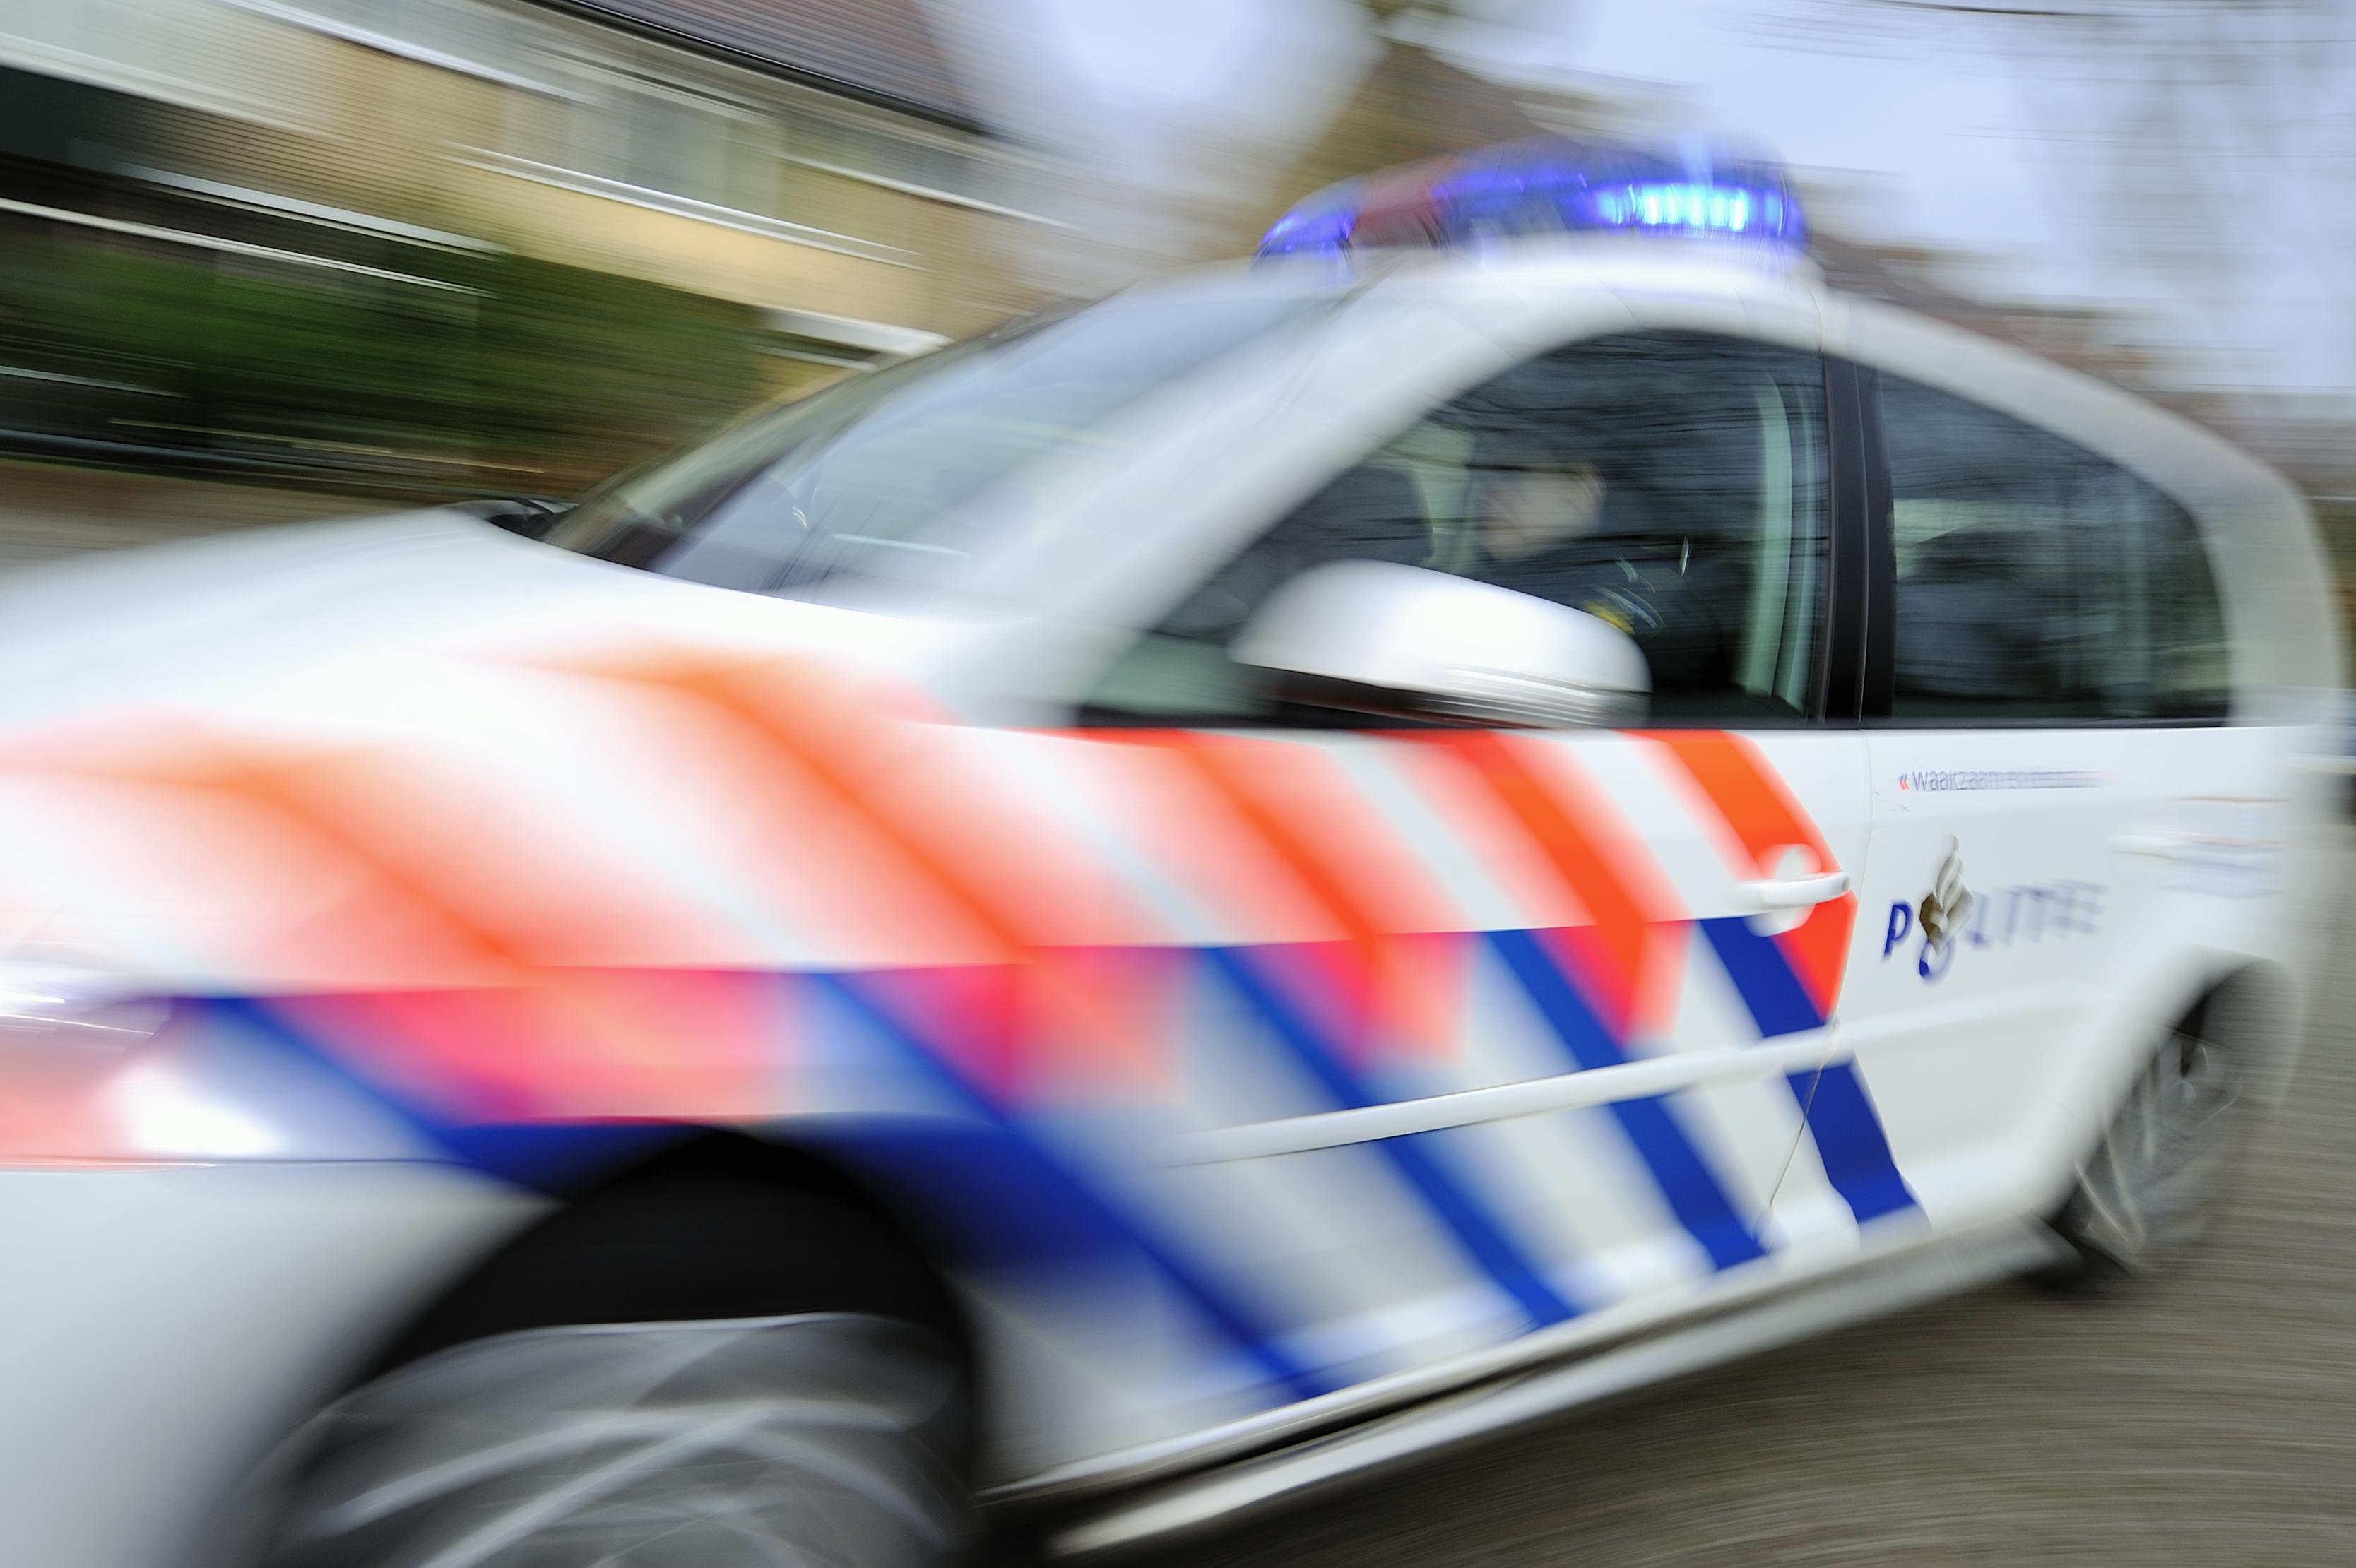 Inbraak bij garagebedrijf in Rijsenhout eindigt in wilde achtervolging